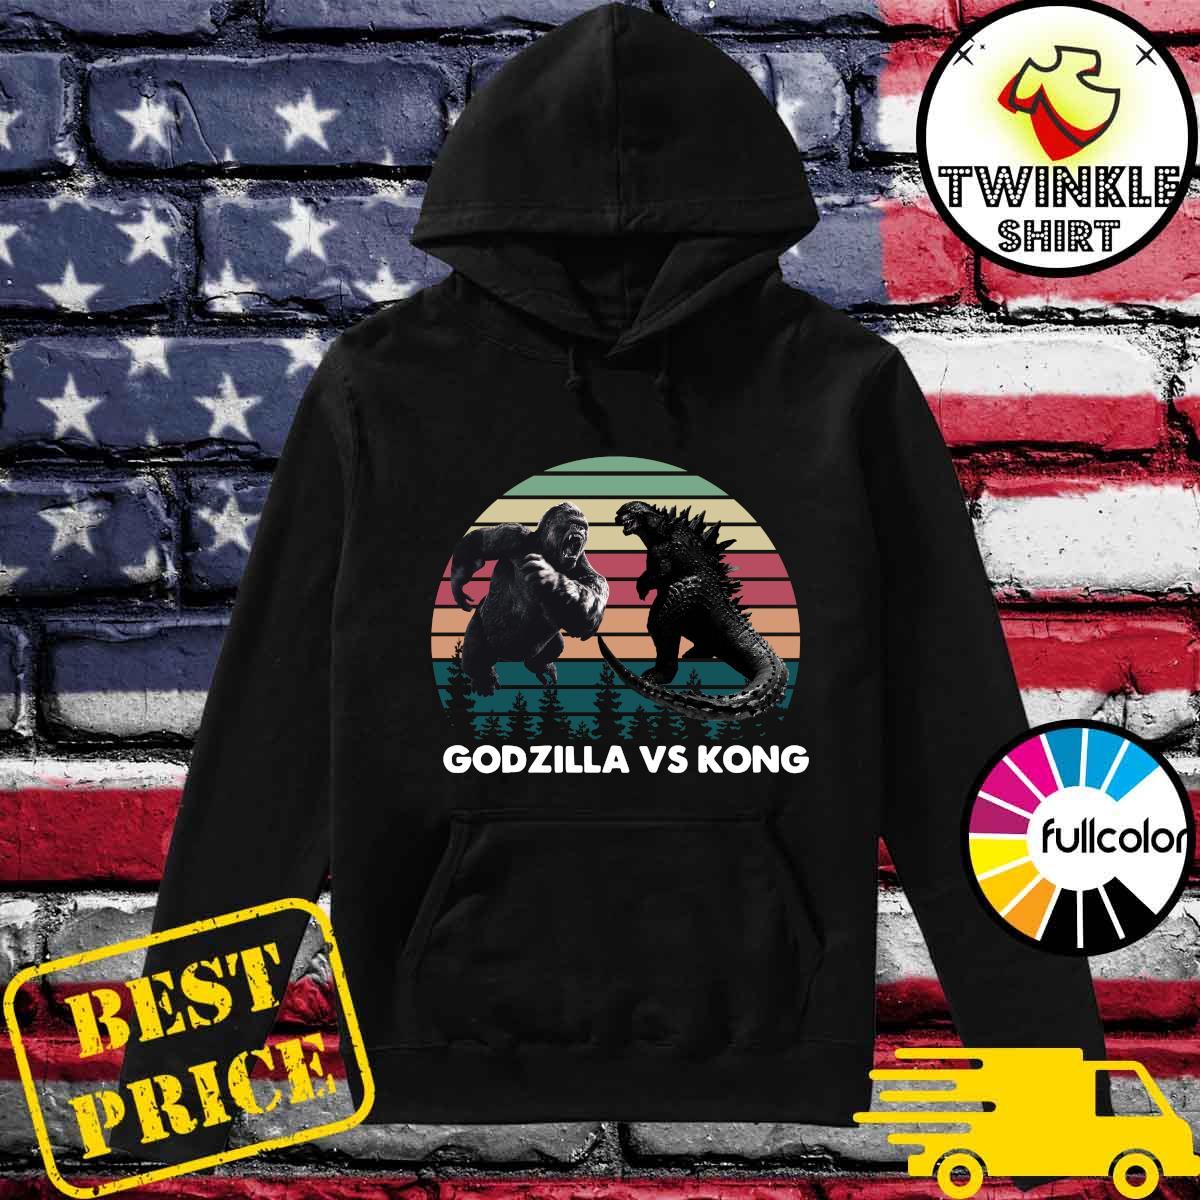 Godzilla vs Kong Shirt, Kaiju Godzilla Retro Kong Shirt Rodan Mothra Monster, Godzilla Shirt Hoodie